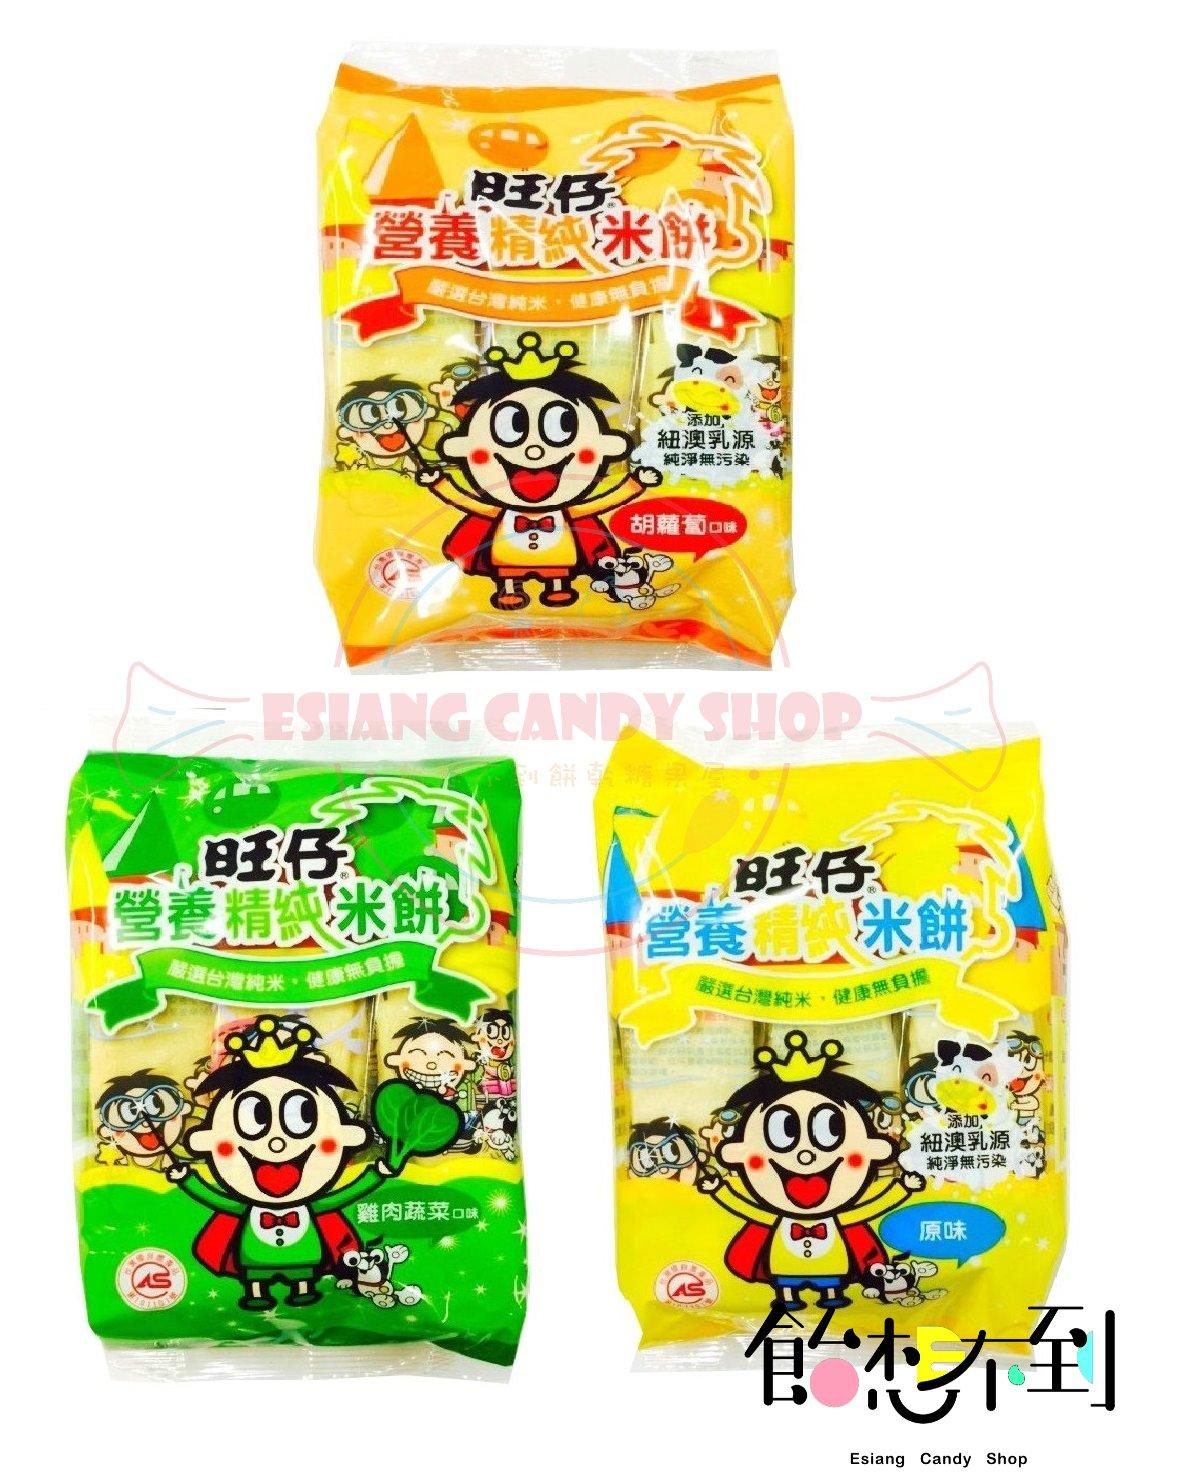 〚旺旺〛旺仔營養精純米餅50g - 原味/雞肉蔬菜/紅蘿蔔